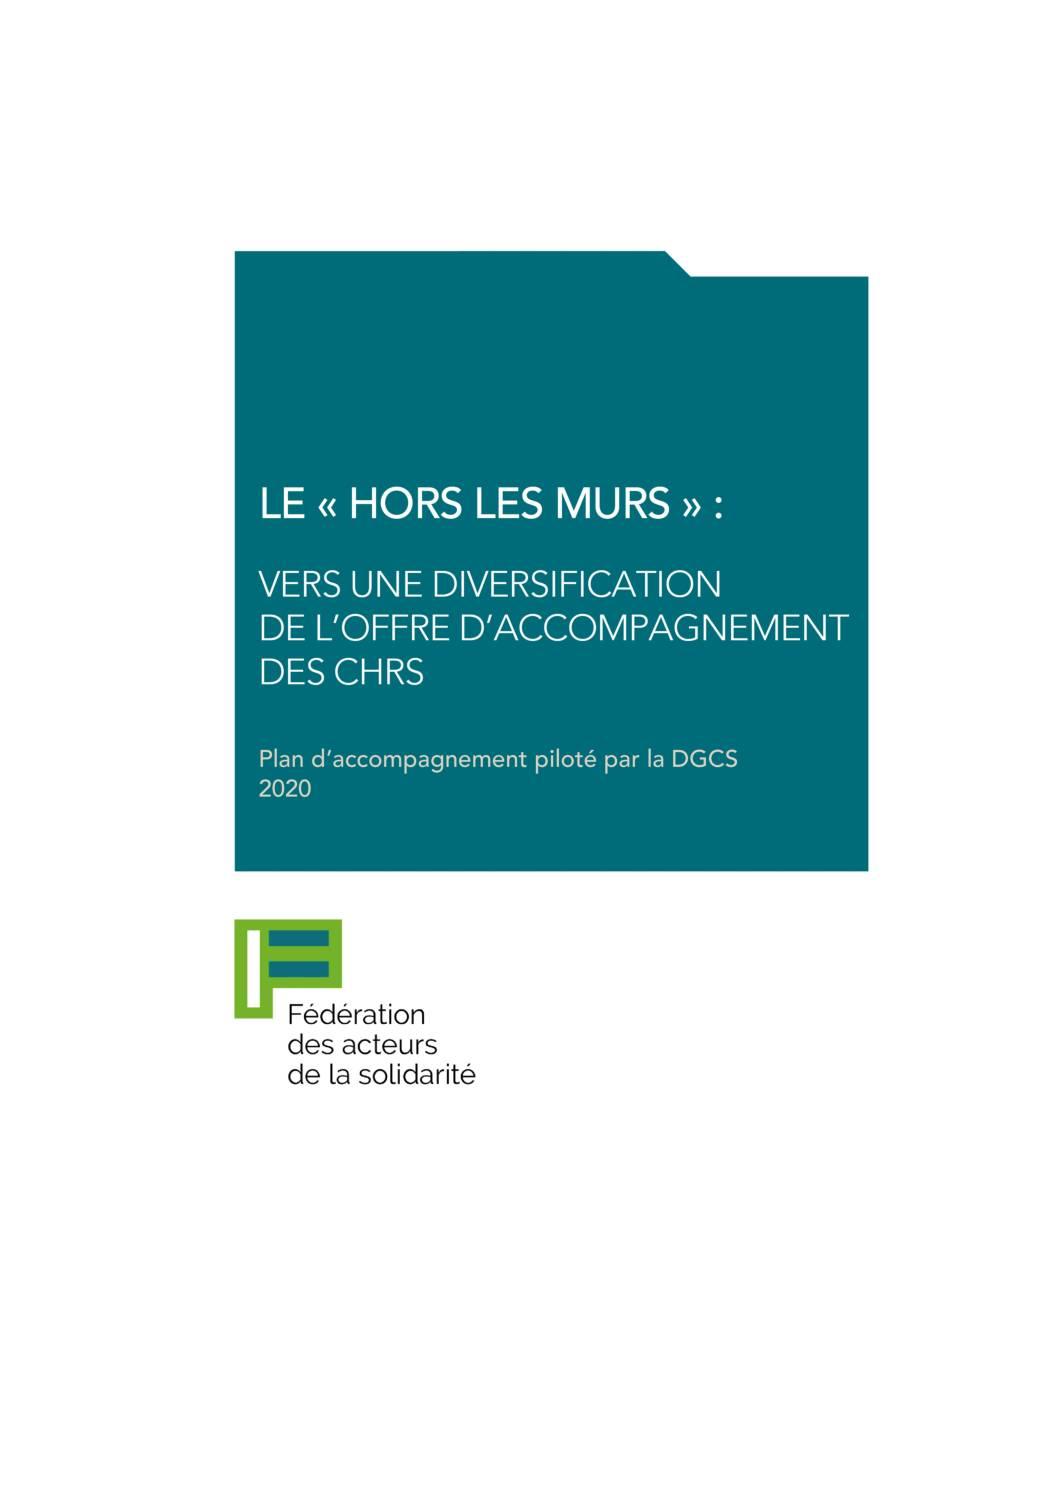 «Le hors les murs : Vers une diversification de l'offre d'accompagnement CHRS»